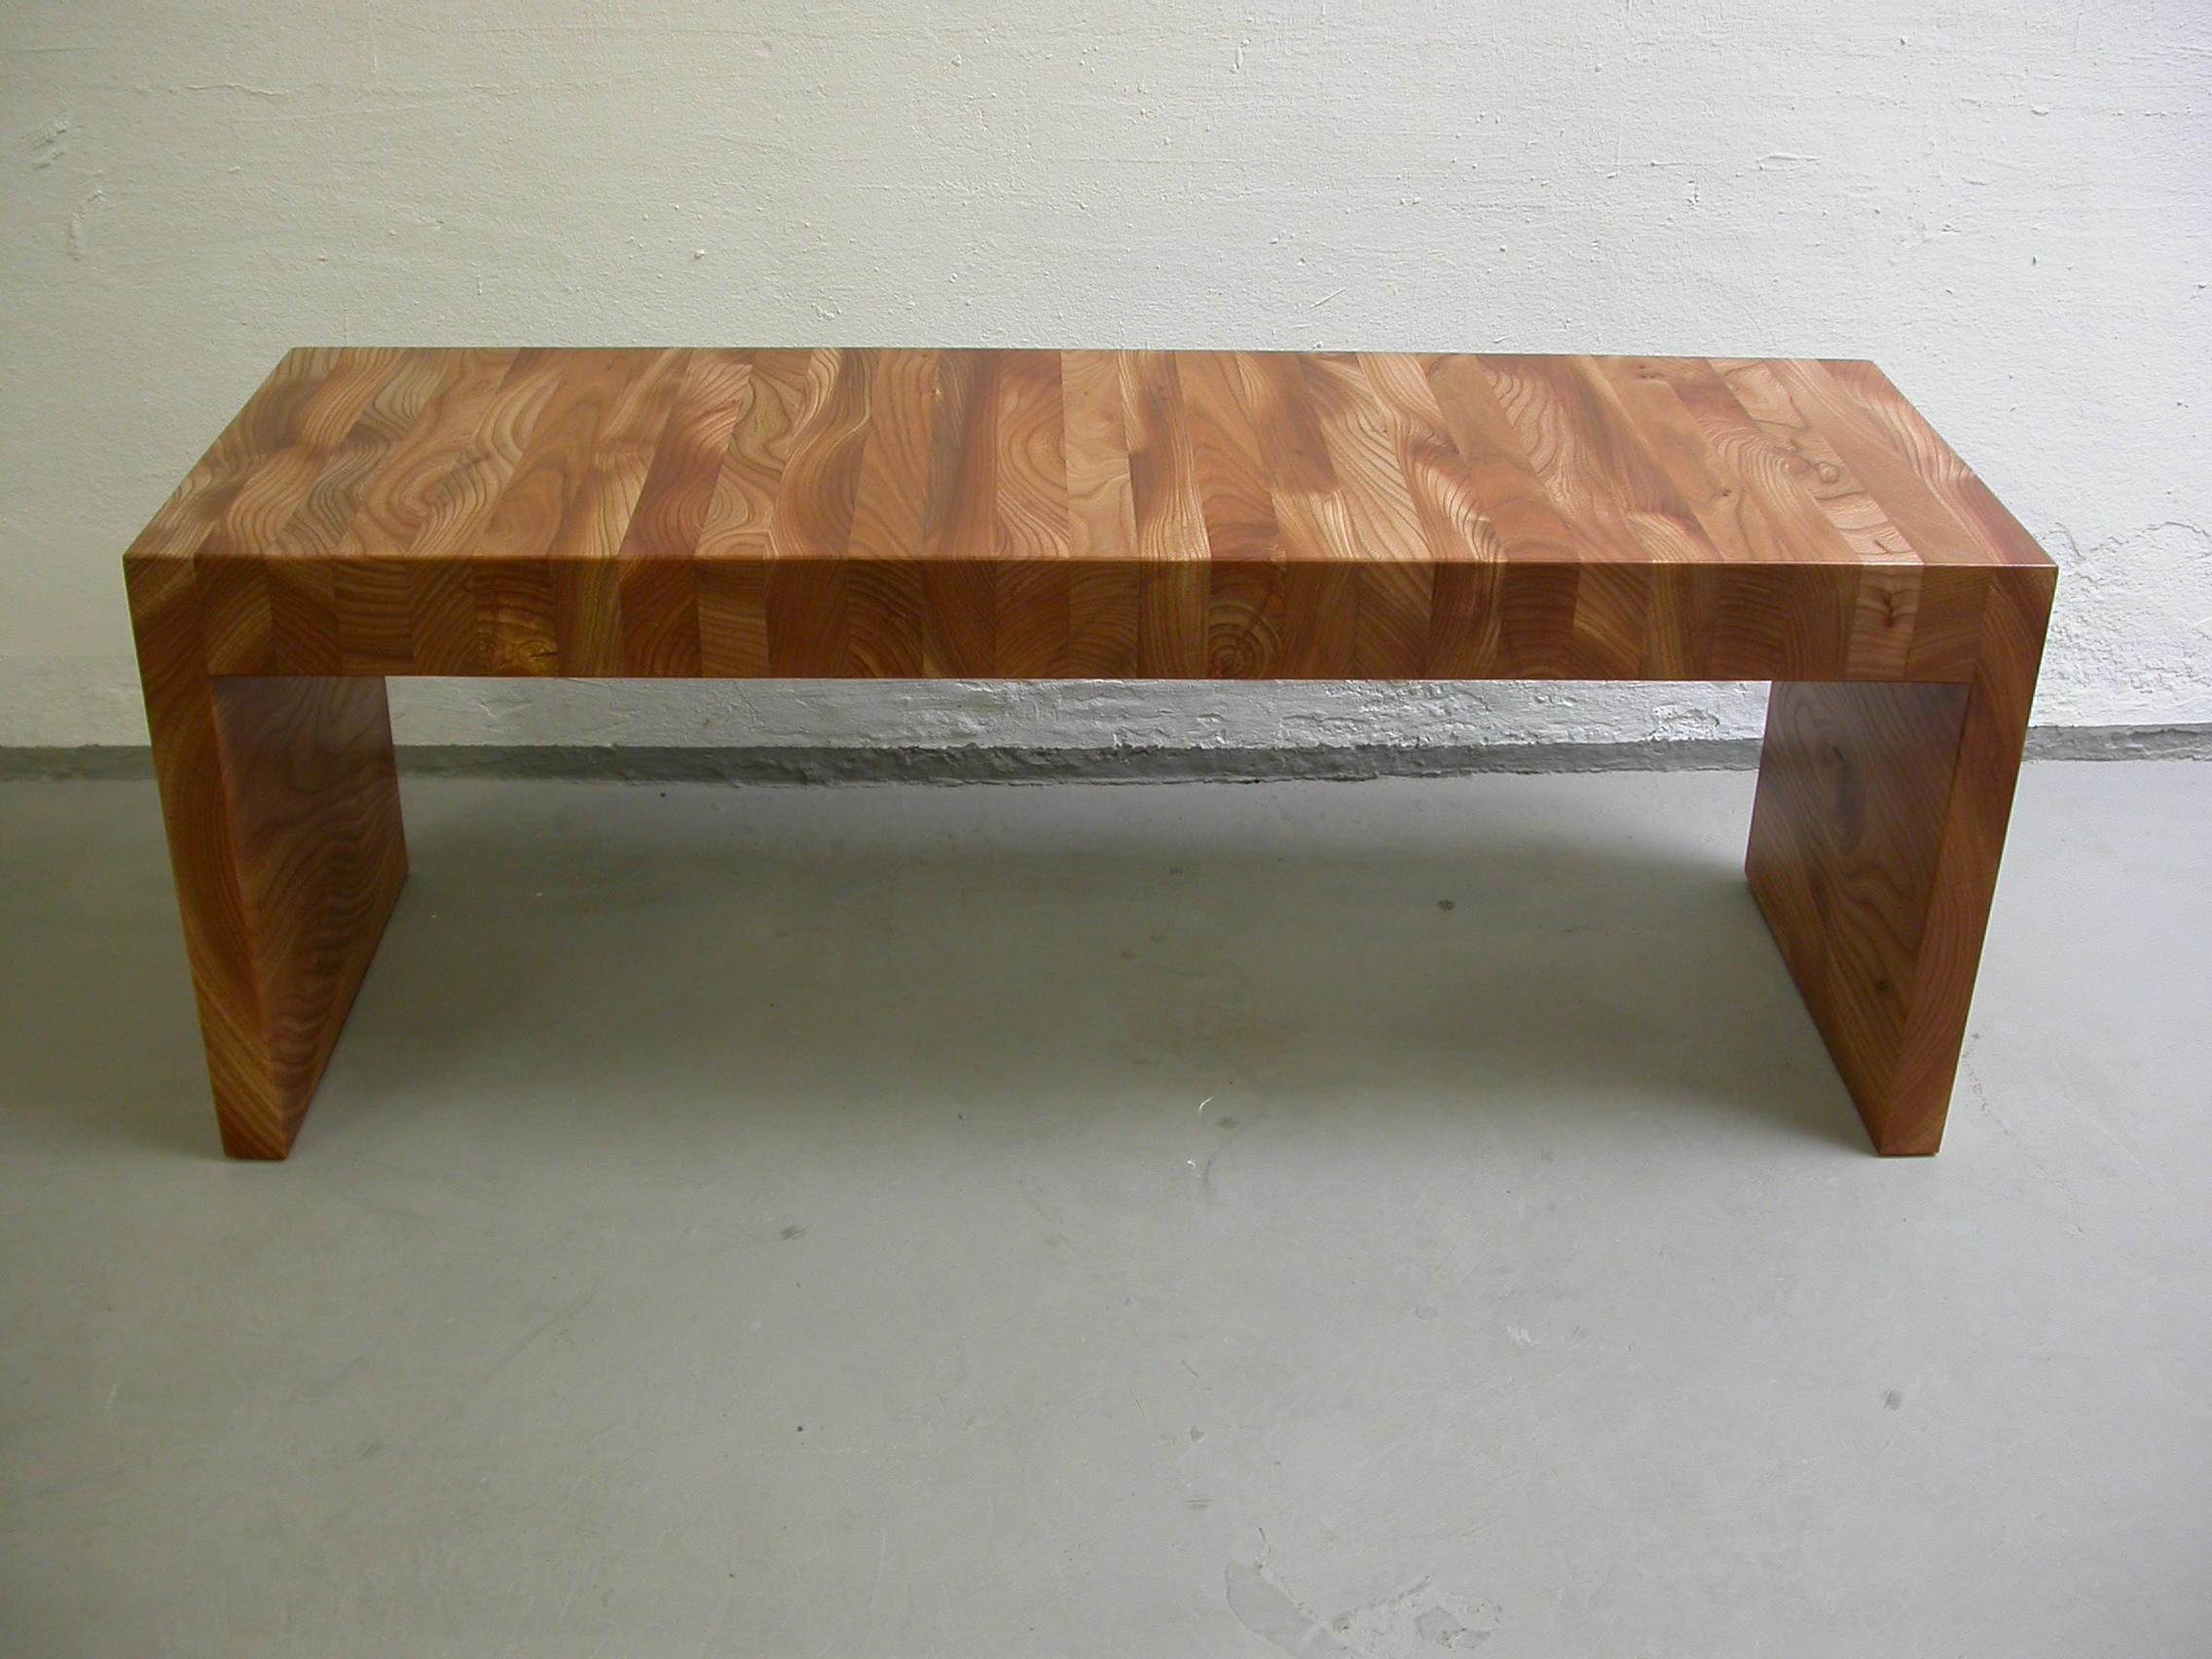 Ulimi Sitzbank 120 x 40 cm.